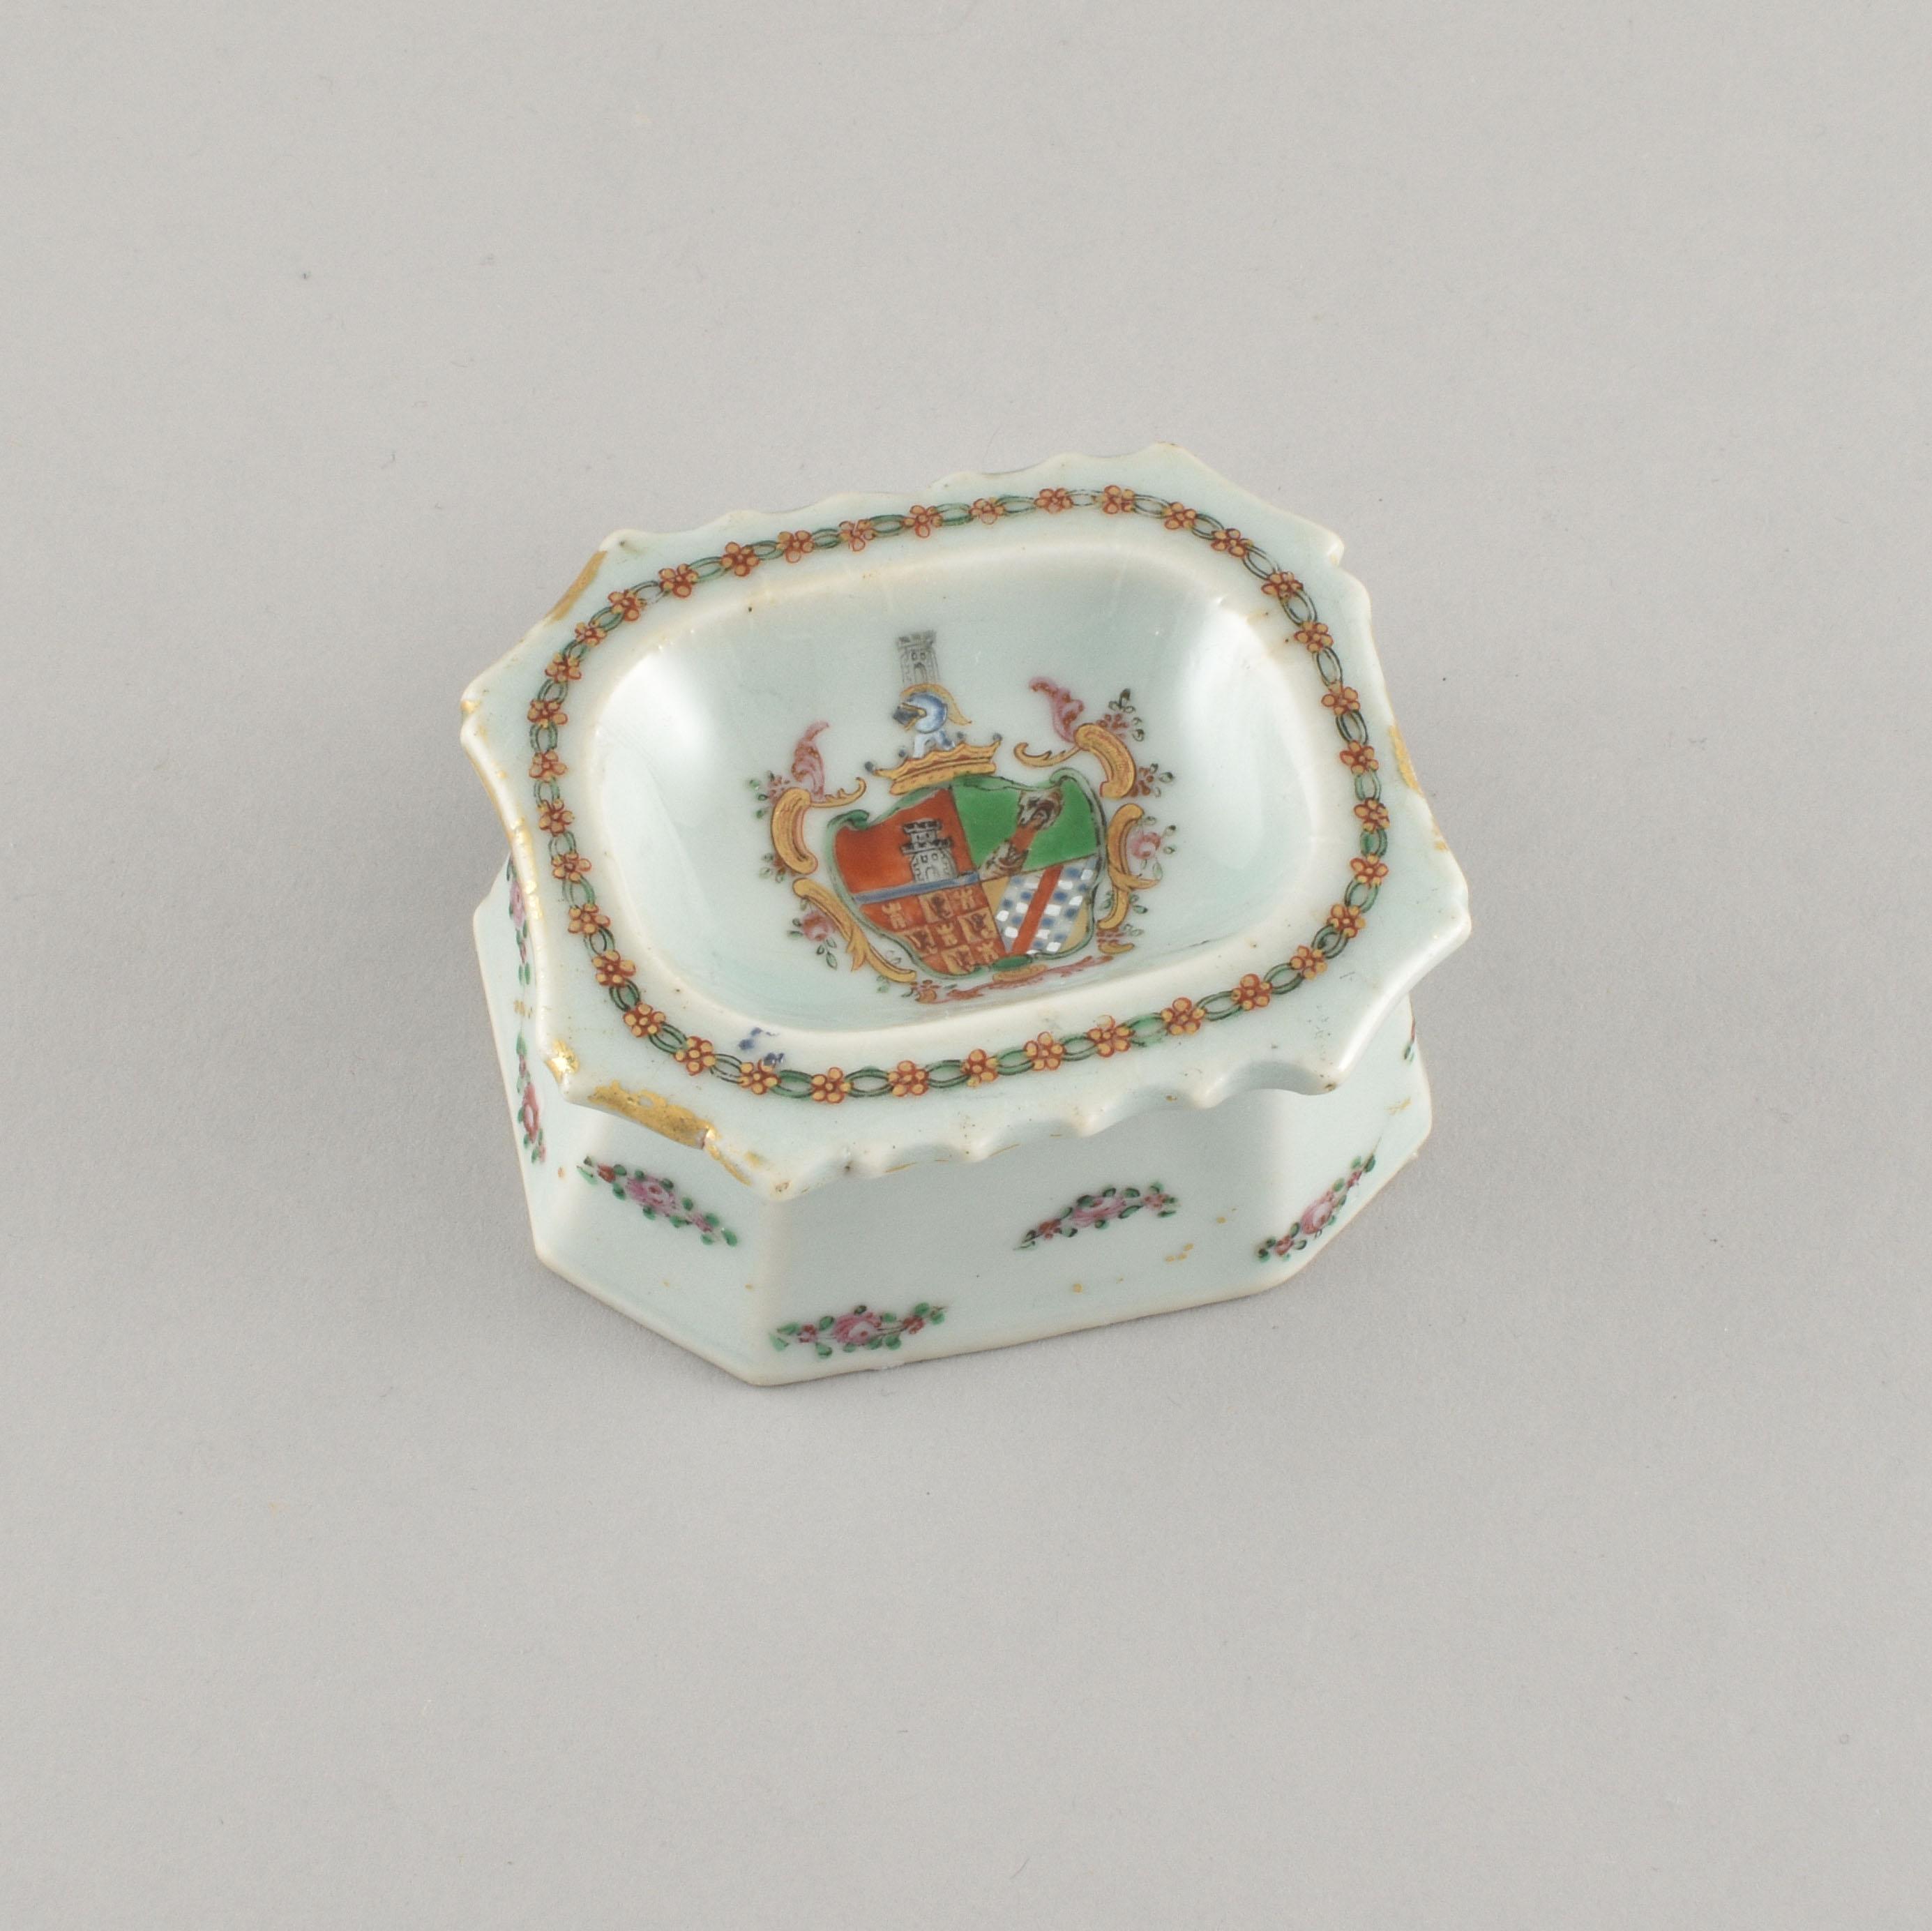 Porcelaine Qianlong (1736-1795), ca. 1775, Chine (pour le marché portugais)